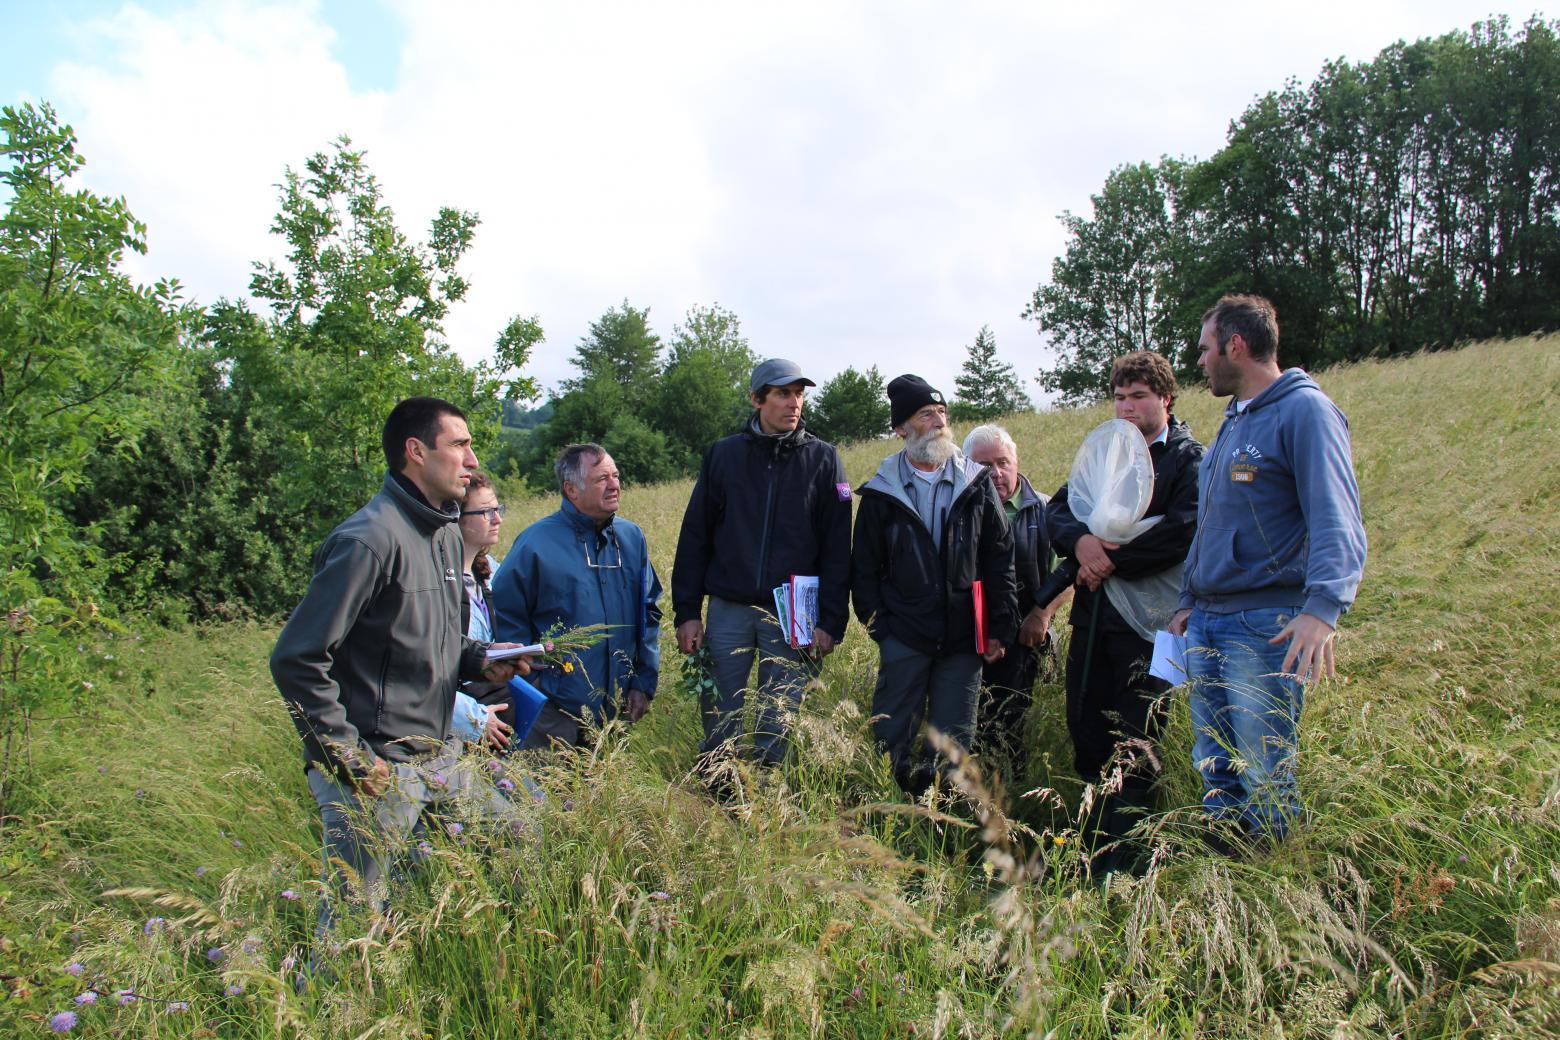 Jury Concours prairies fleuries - Valgaudemar - juin 2015 - © Agnes Thiard - Parc national des Ecrins